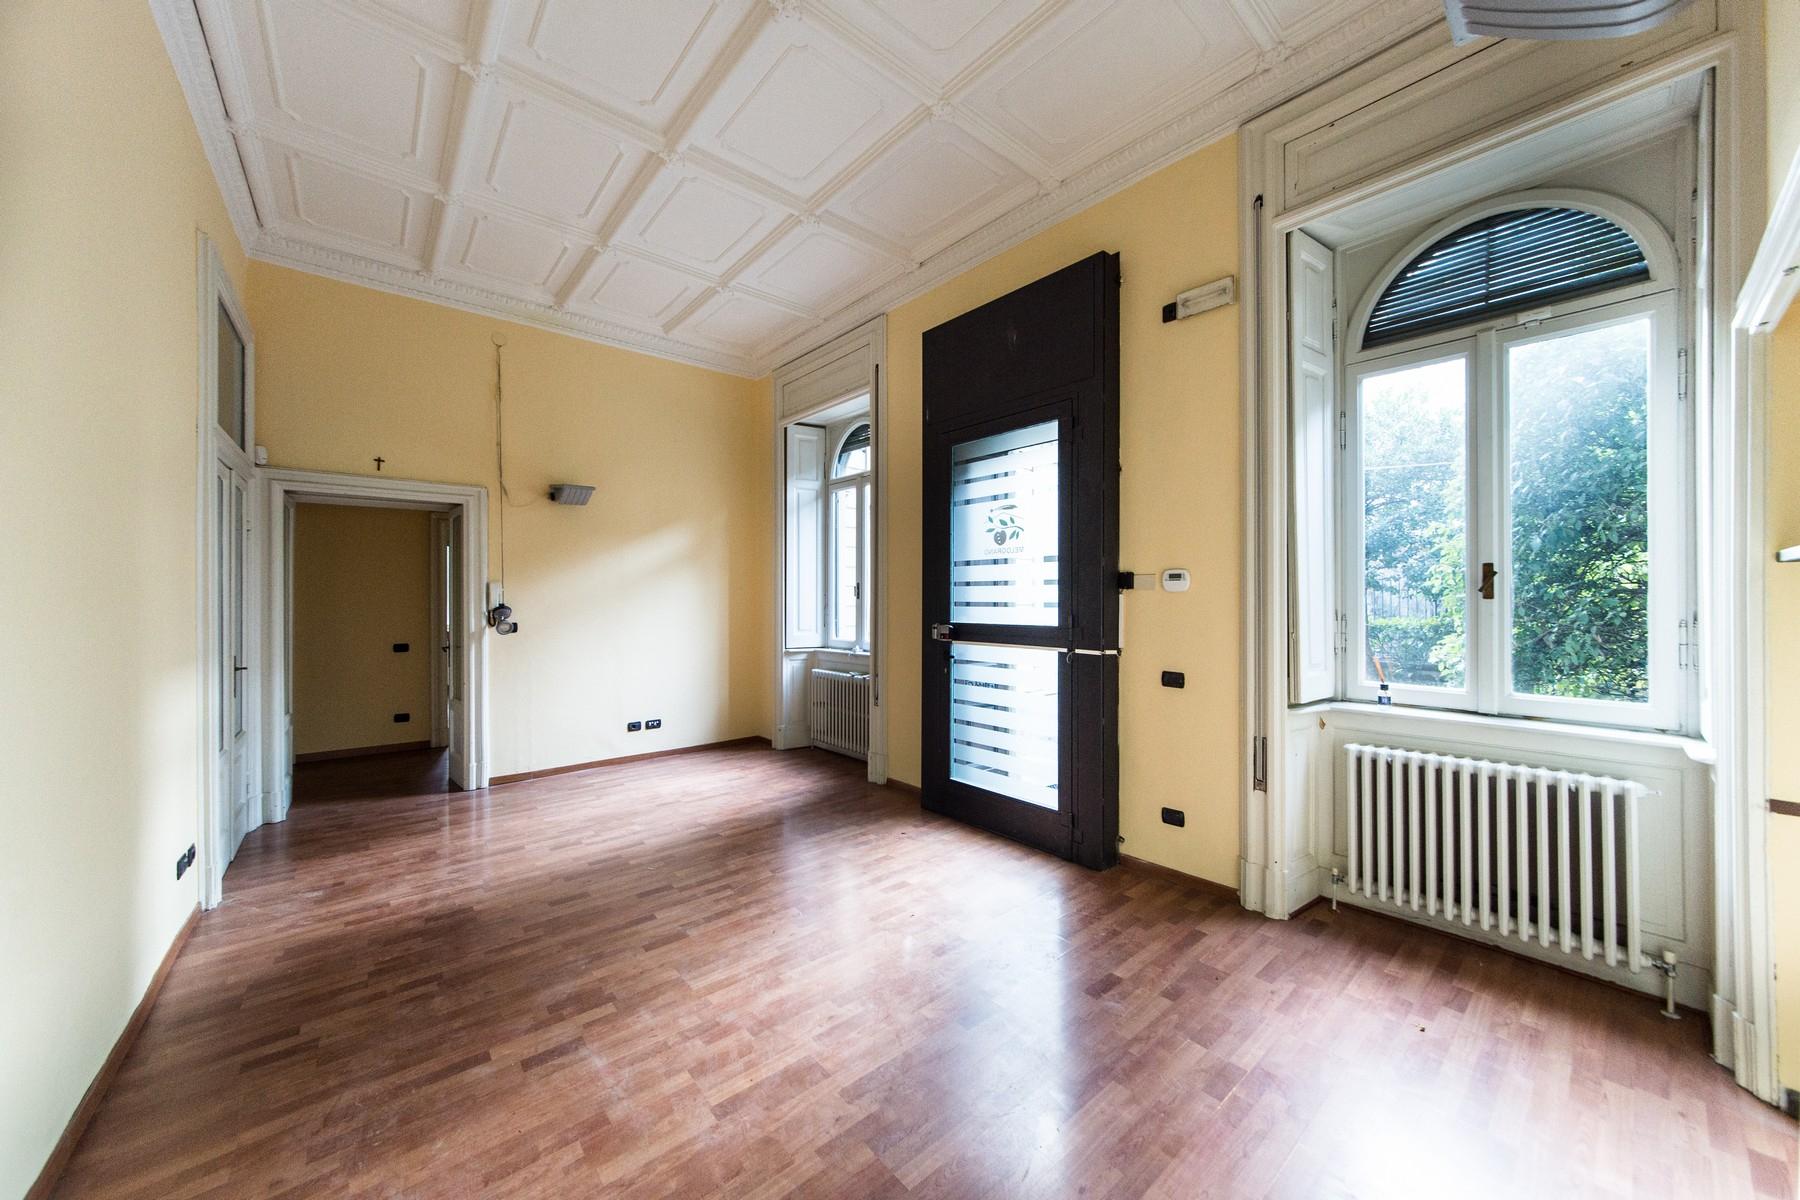 Ufficio-studio in Vendita a Como: 0 locali, 230 mq - Foto 10